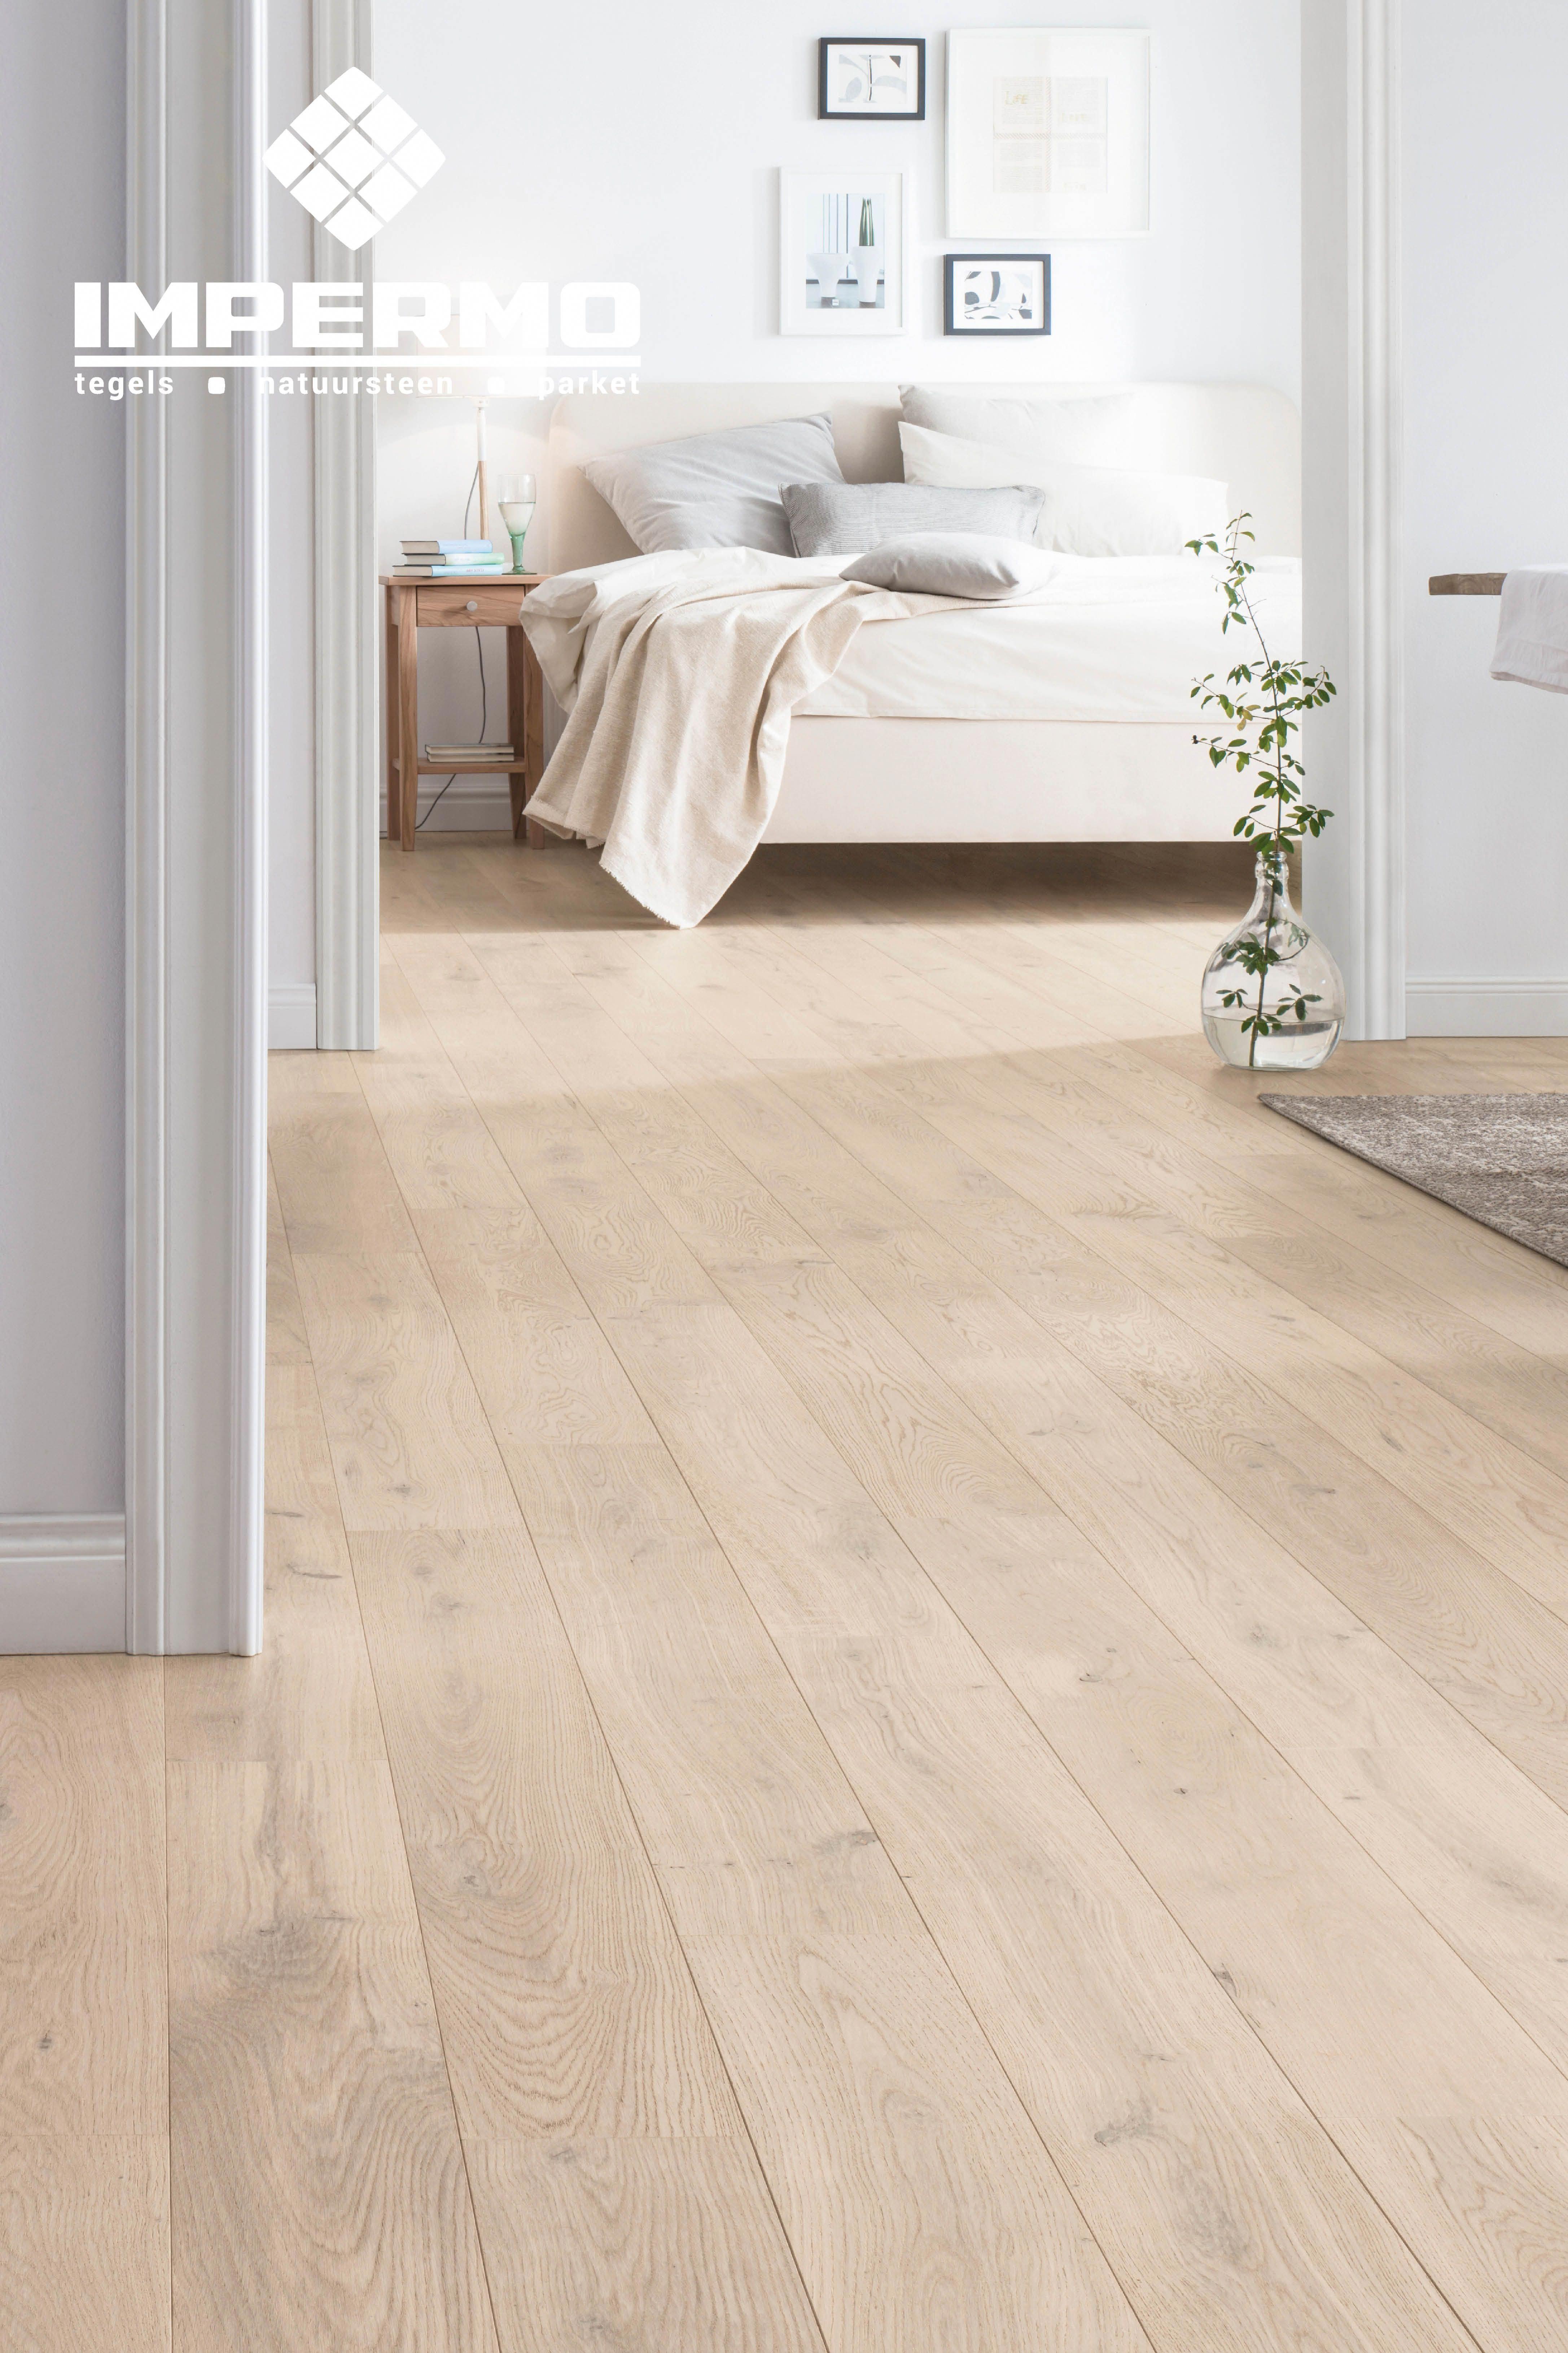 Fifteen Dazzling Creative Ideas For Houseflood Schlafzimmer Boden Fliesen Eichenparkett Schlafzimmer Holzboden